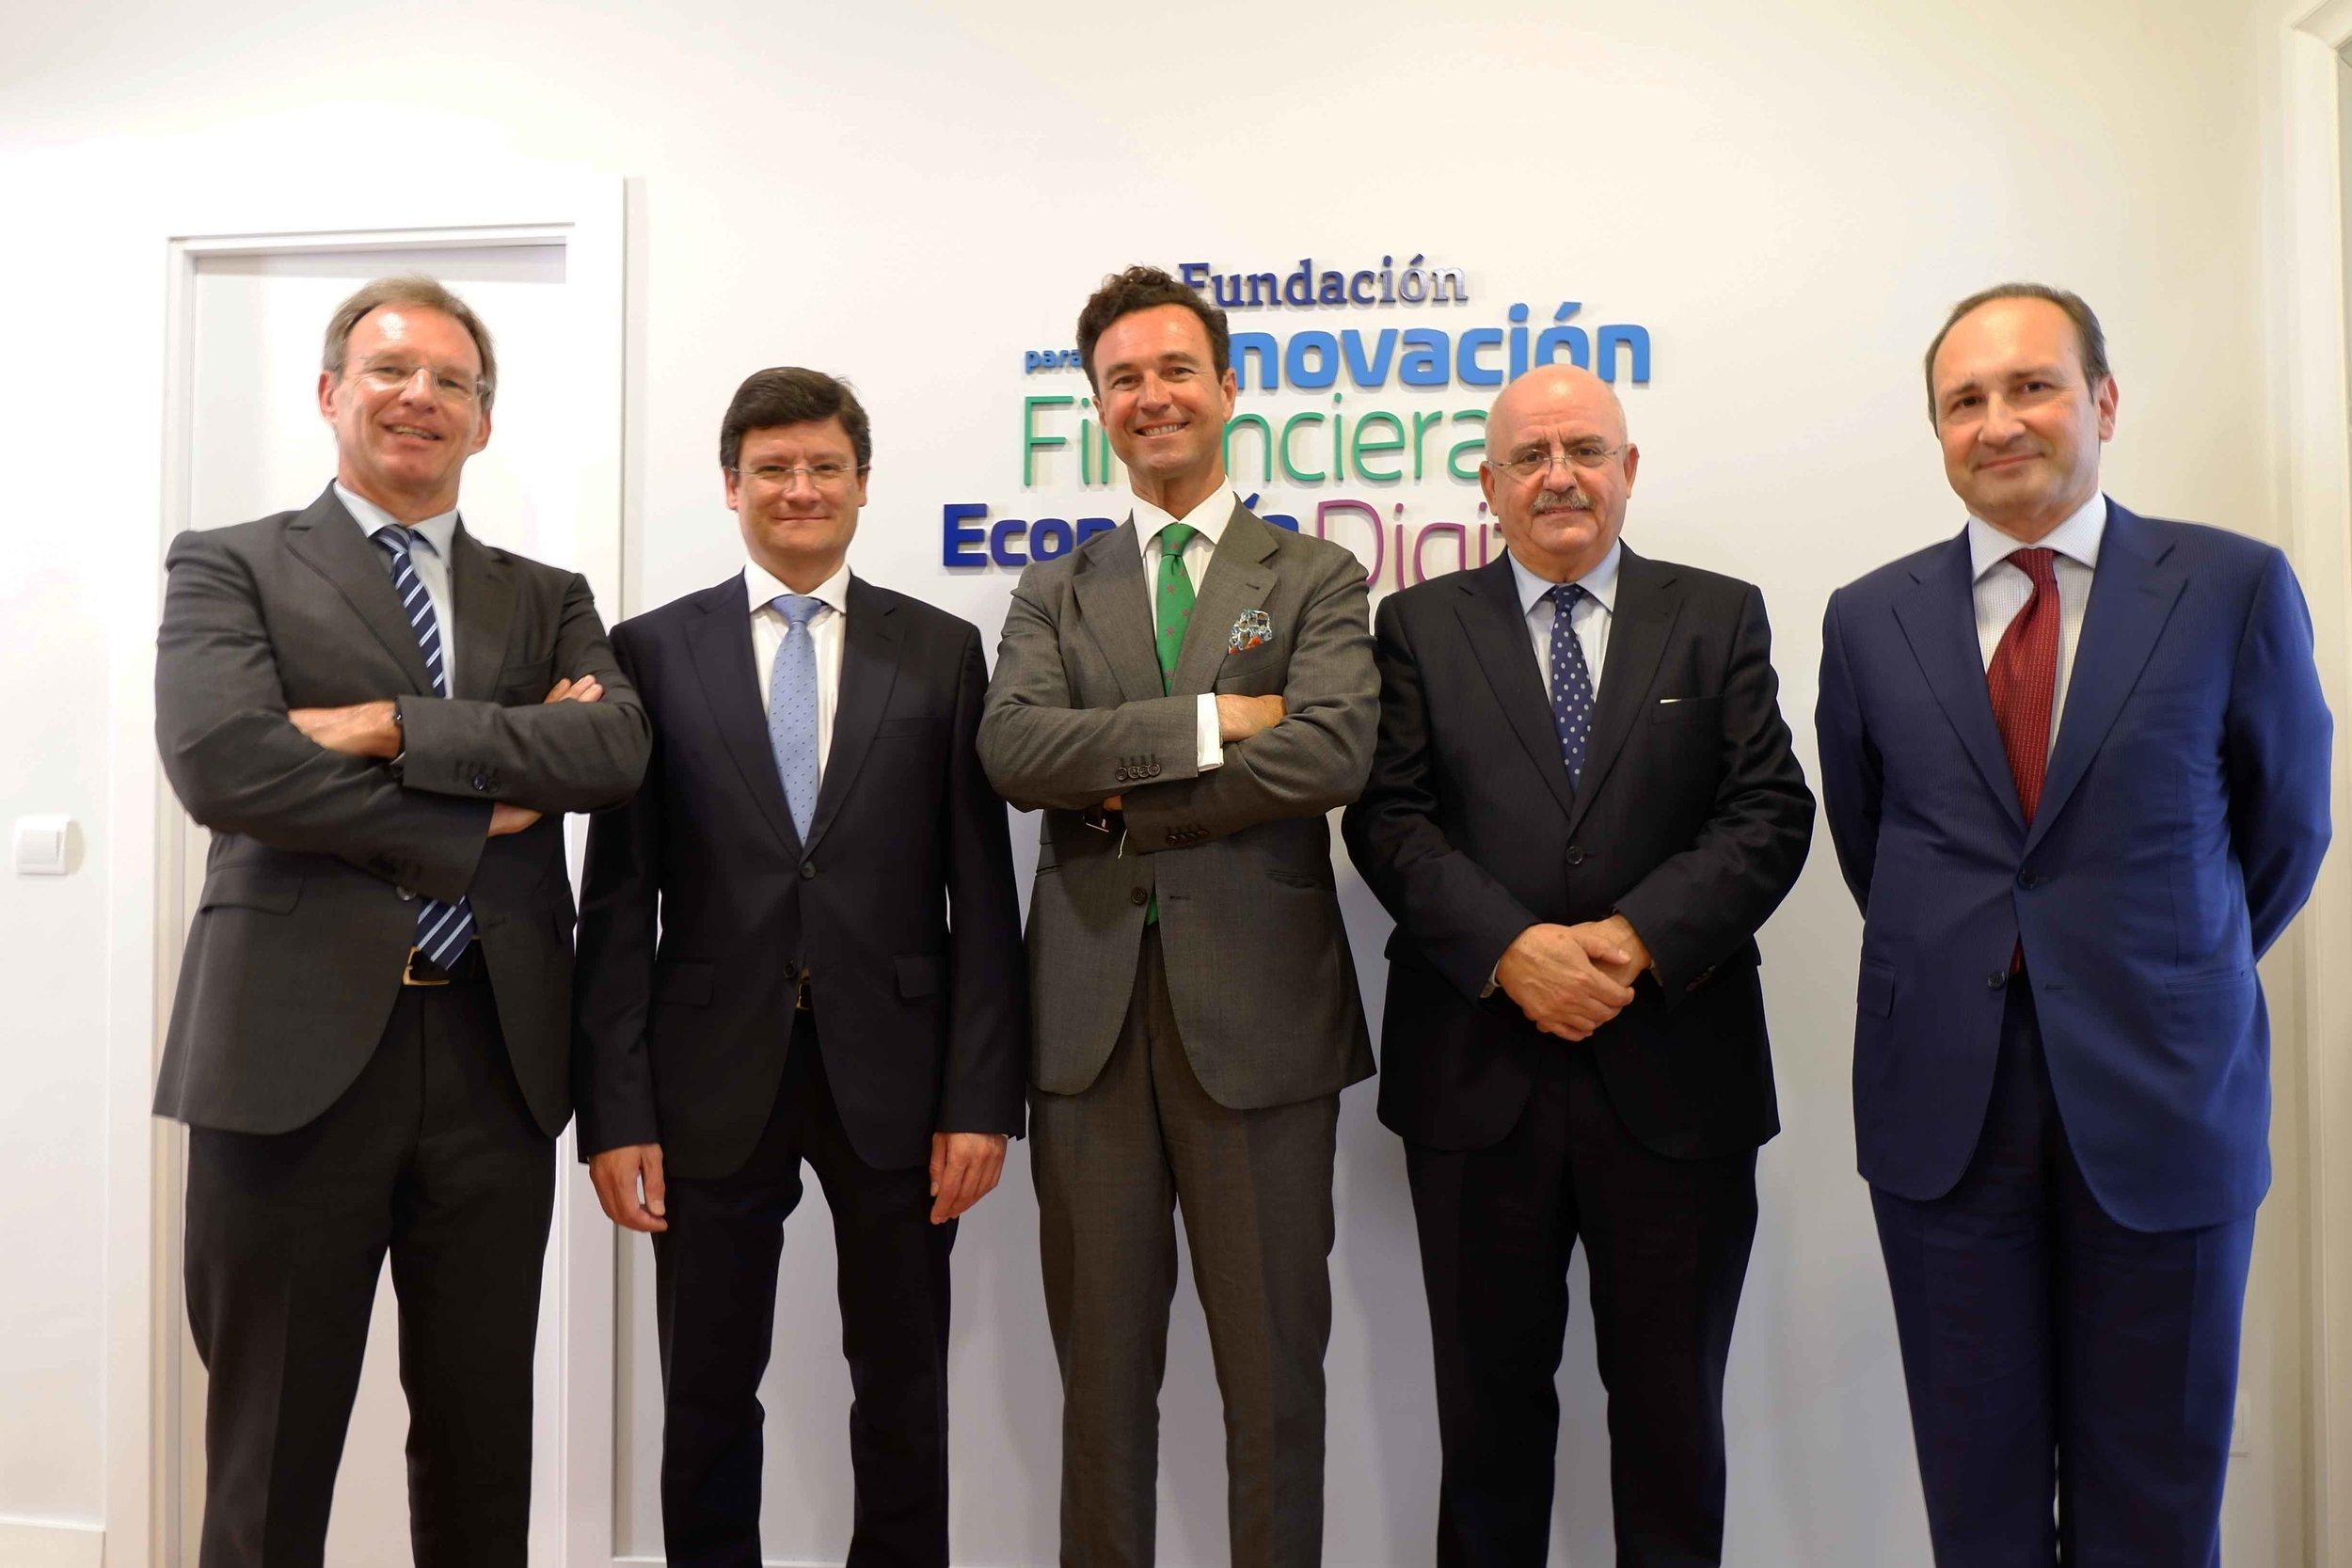 De izq. a dcha., Ricardo Palomo, José María Cubillo, Vicente García Gil, Aurelio Gurrea Chalé y Juan Carlos Rodríguez Maseda.